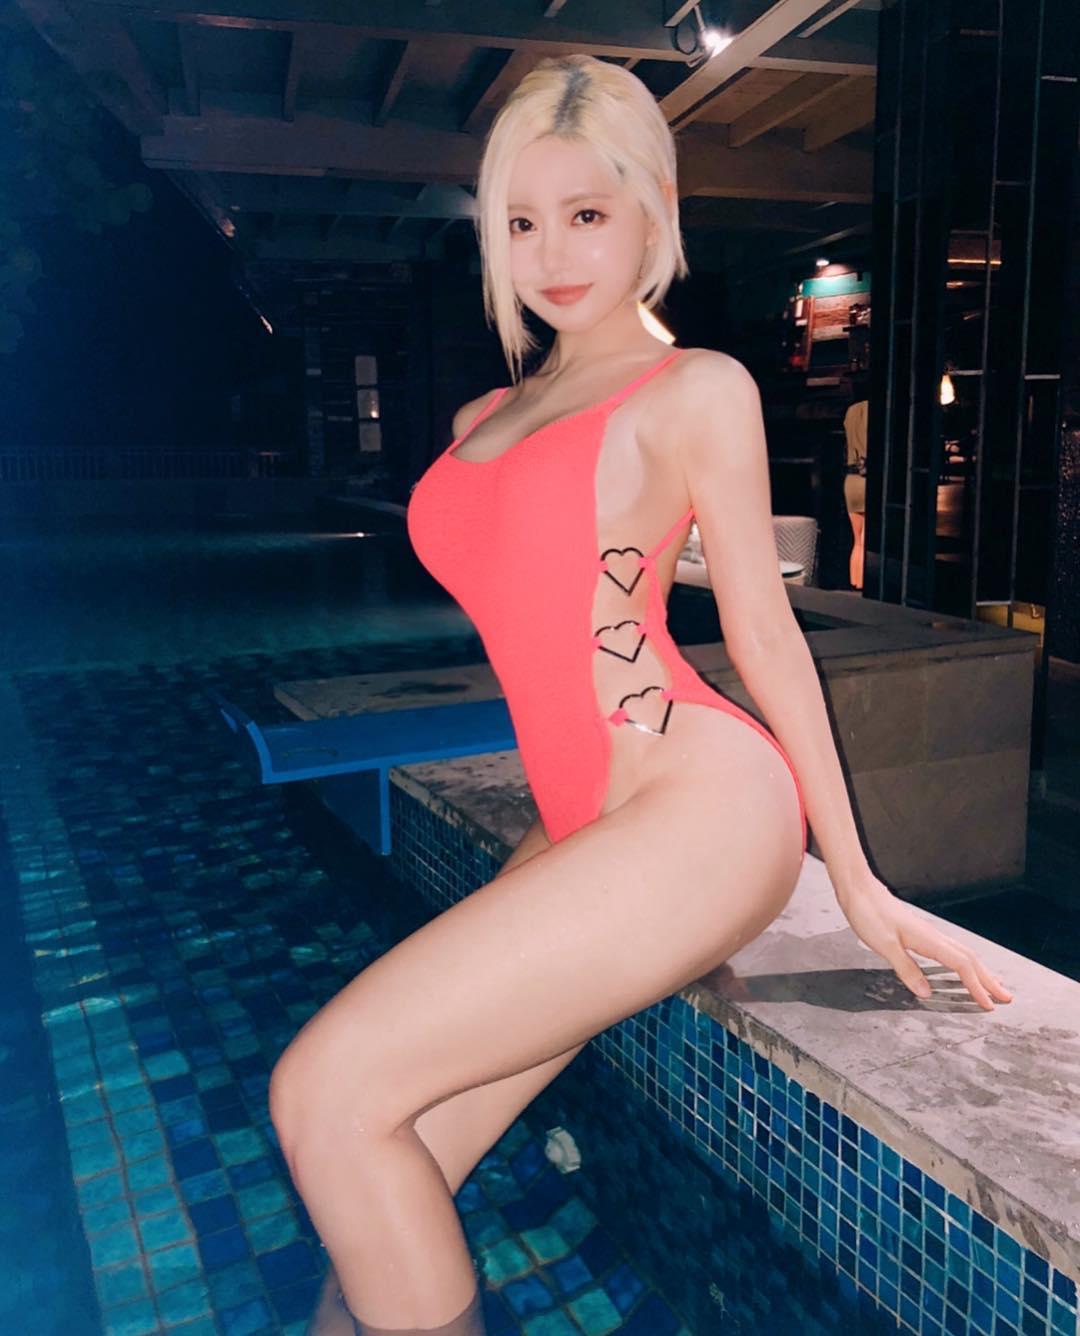 nữ dj xinh đẹp - soda mặc đồ bơi màu hồng